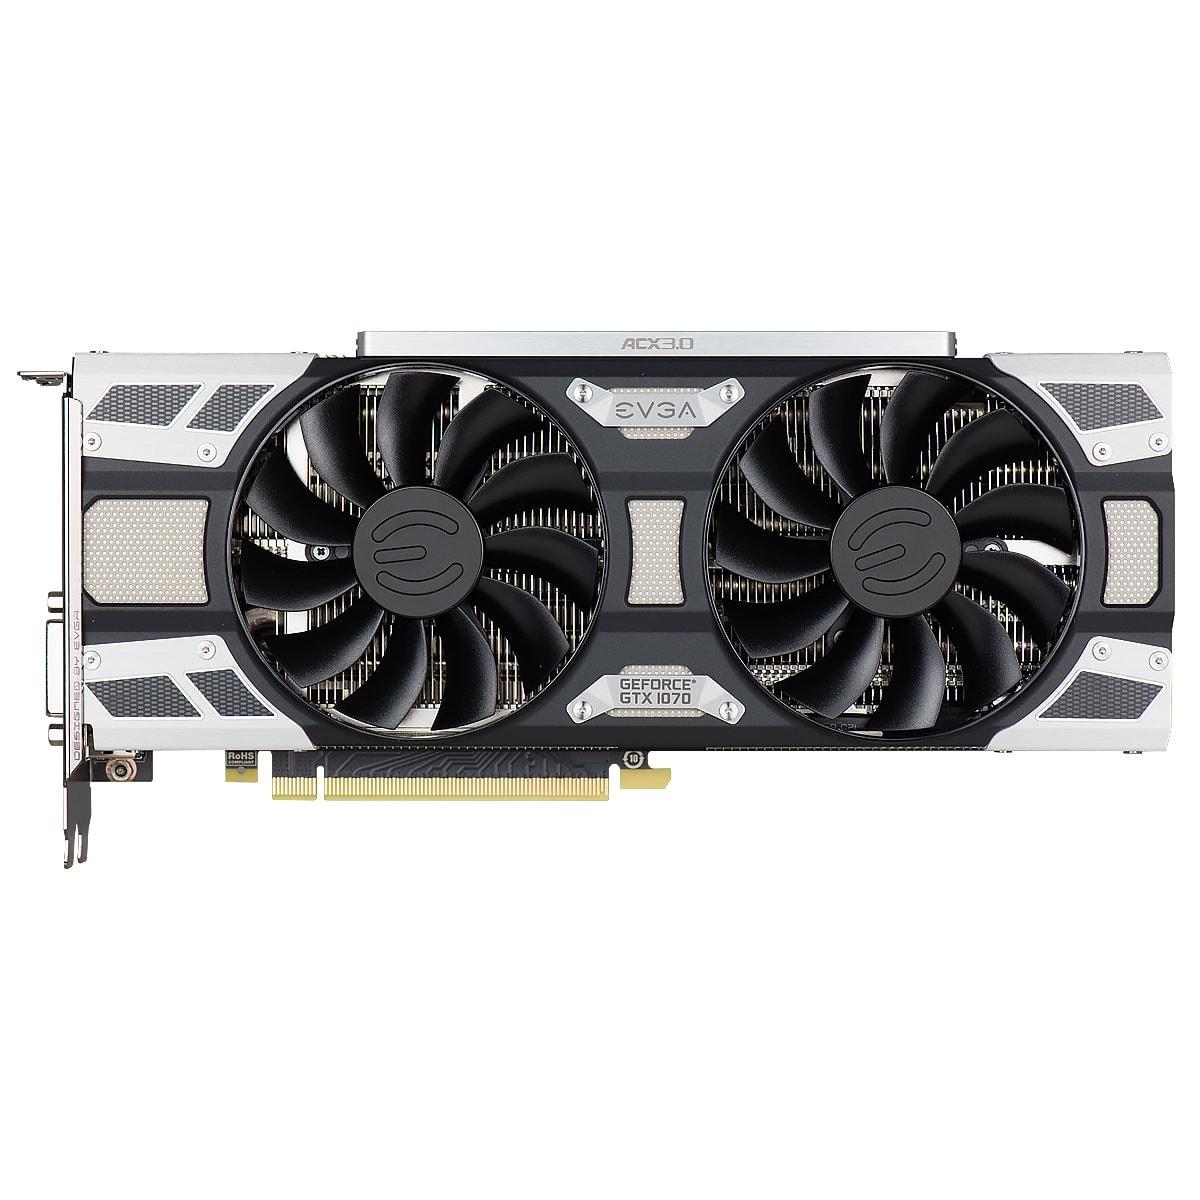 EVGA GeForce GTX 1070 SC GAMING ACX 3.0 (08G-P4-6173-KR) - Achat / Vente Carte graphique sur Cybertek.fr - 4